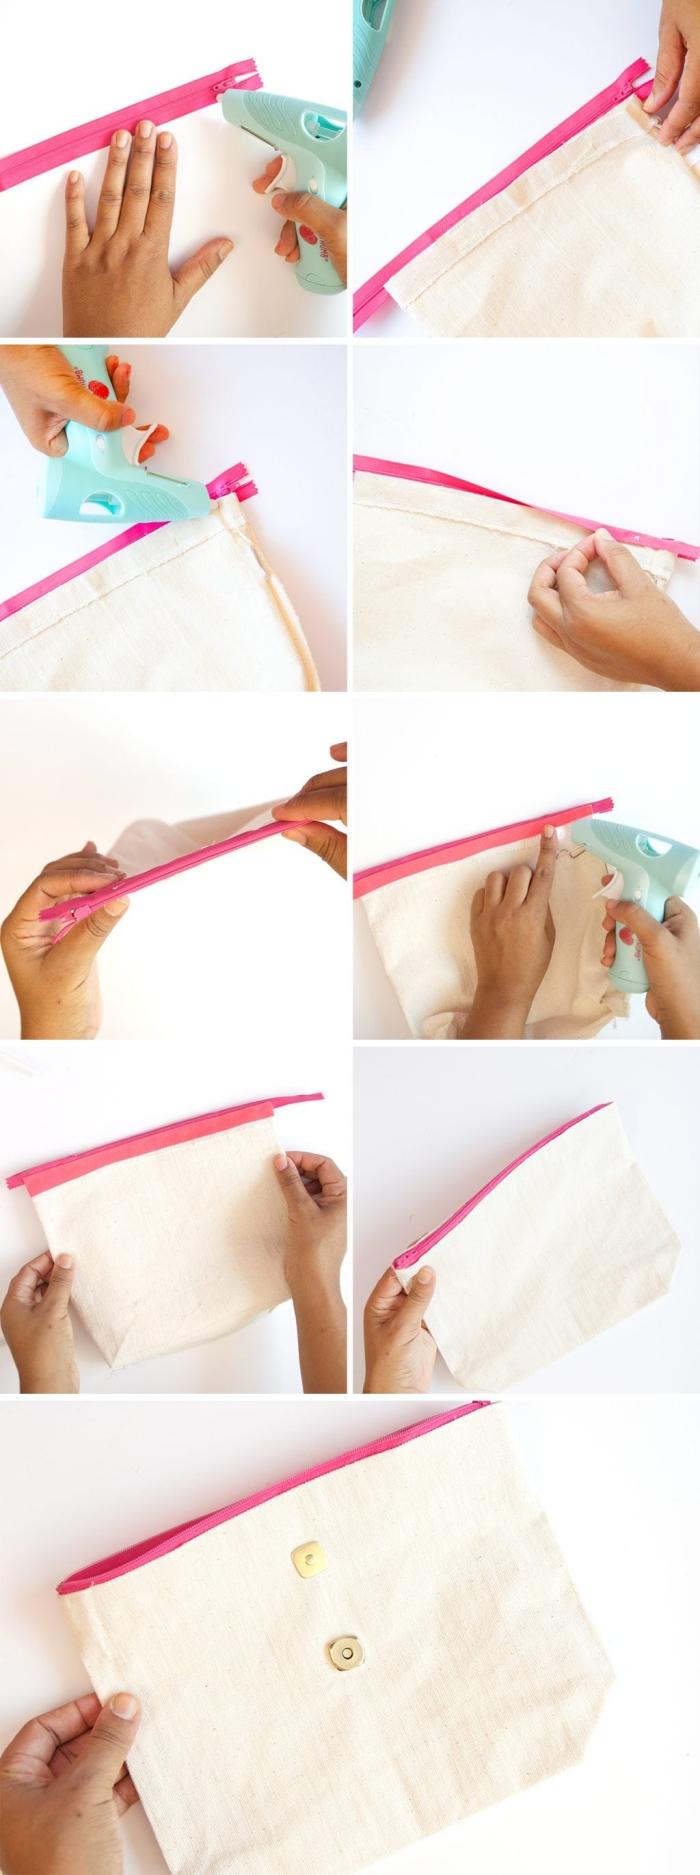 tuto sac pochette en tissu sans couture avec fermeture éclaire fixée à la colle, réalisée à partir le bas découpé d'un tote bag, rehaussé par un petit pompon en cuir